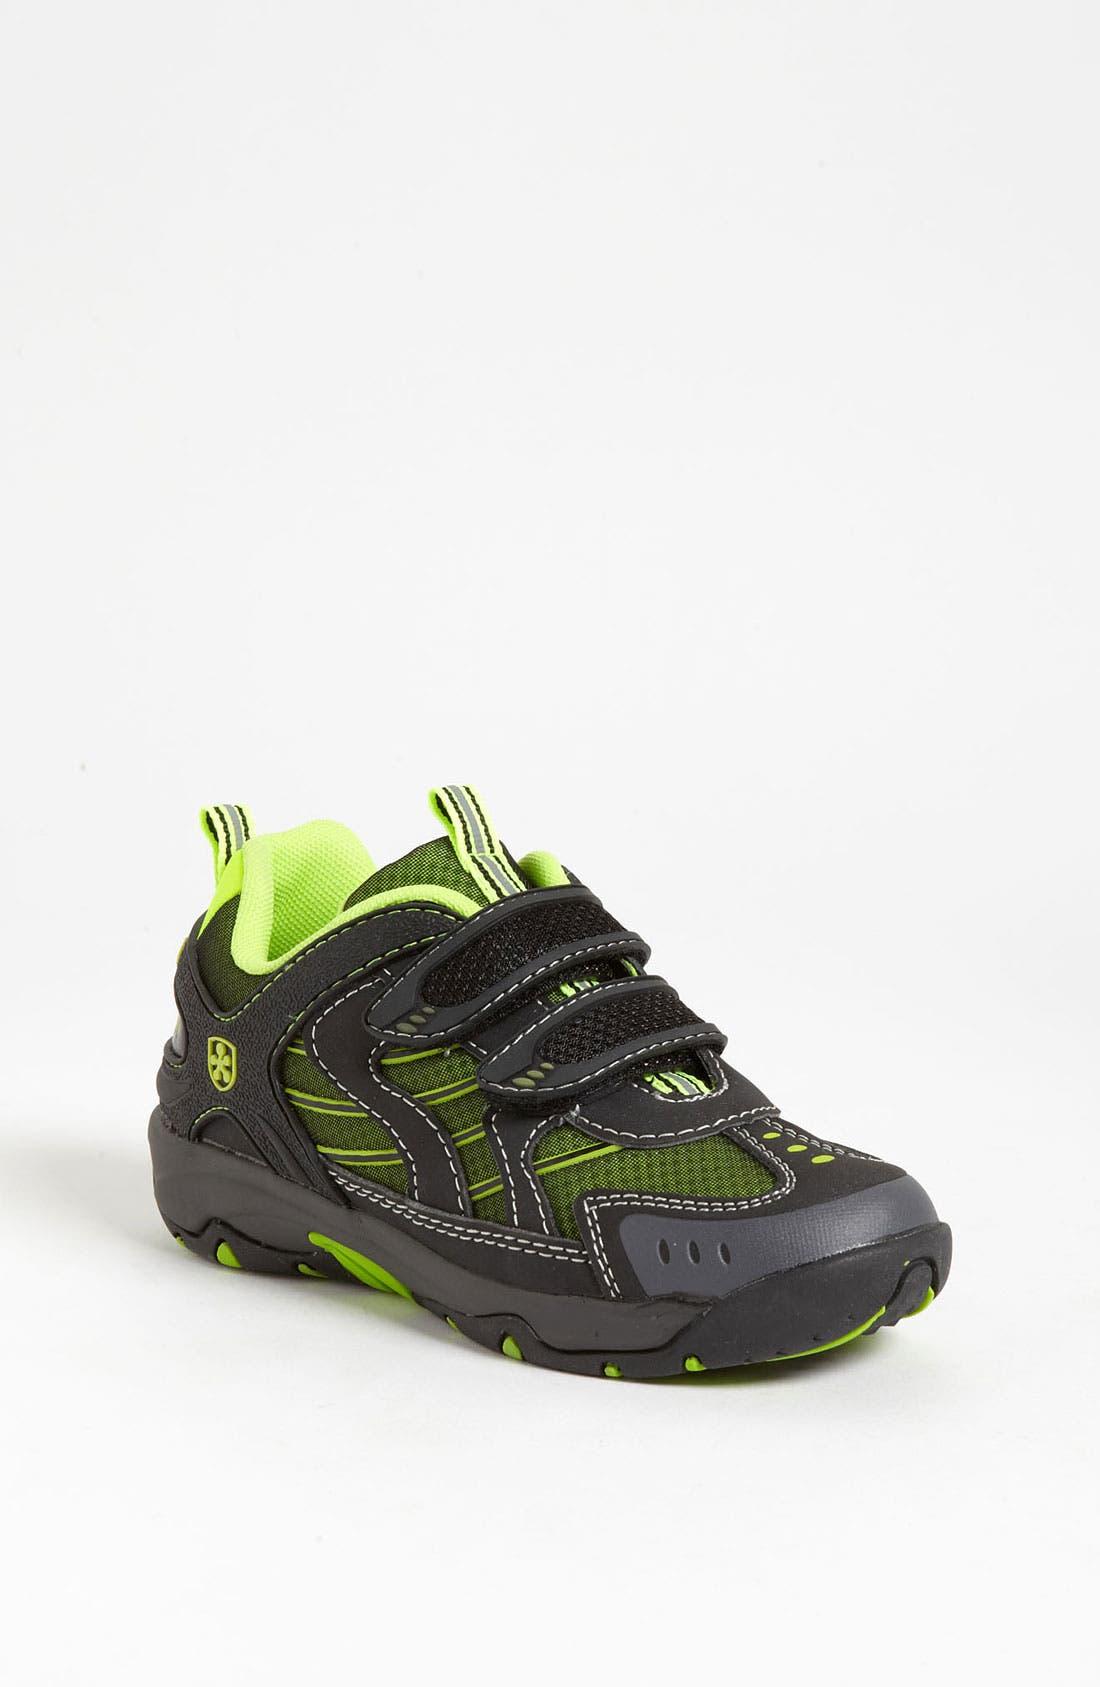 Alternate Image 1 Selected - Swissies 'Aramis' Sneaker (Toddler, Little Kid & Big Kid)